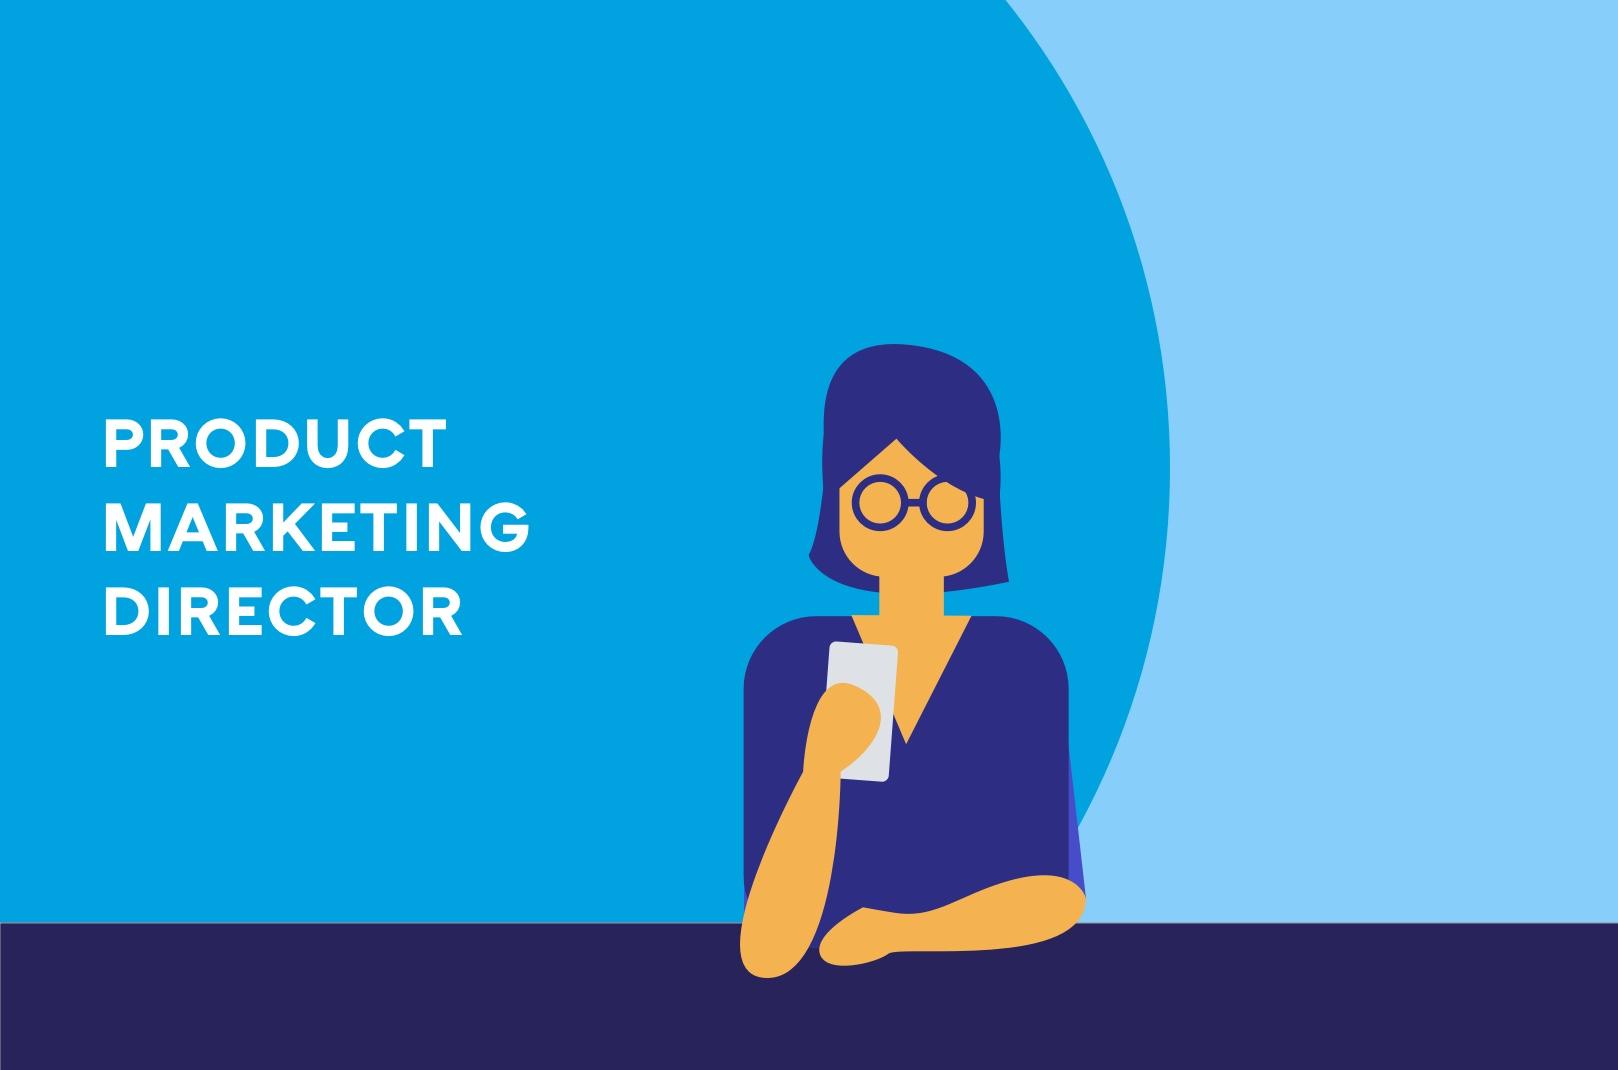 Sales Enablement ROI für Product Marketing Directors